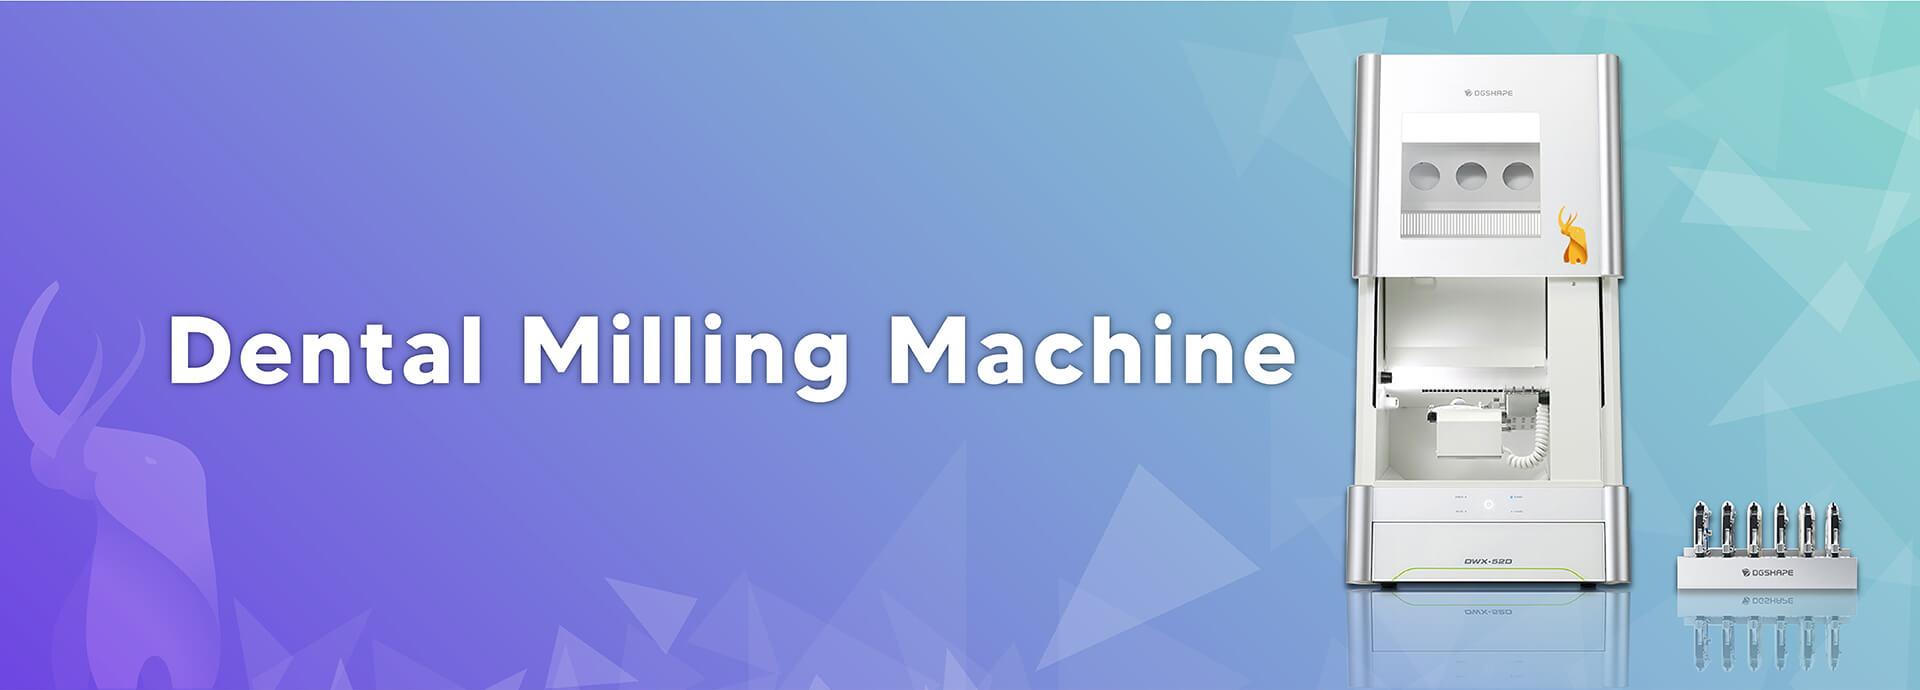 T-Eng_DentalMillingMachine